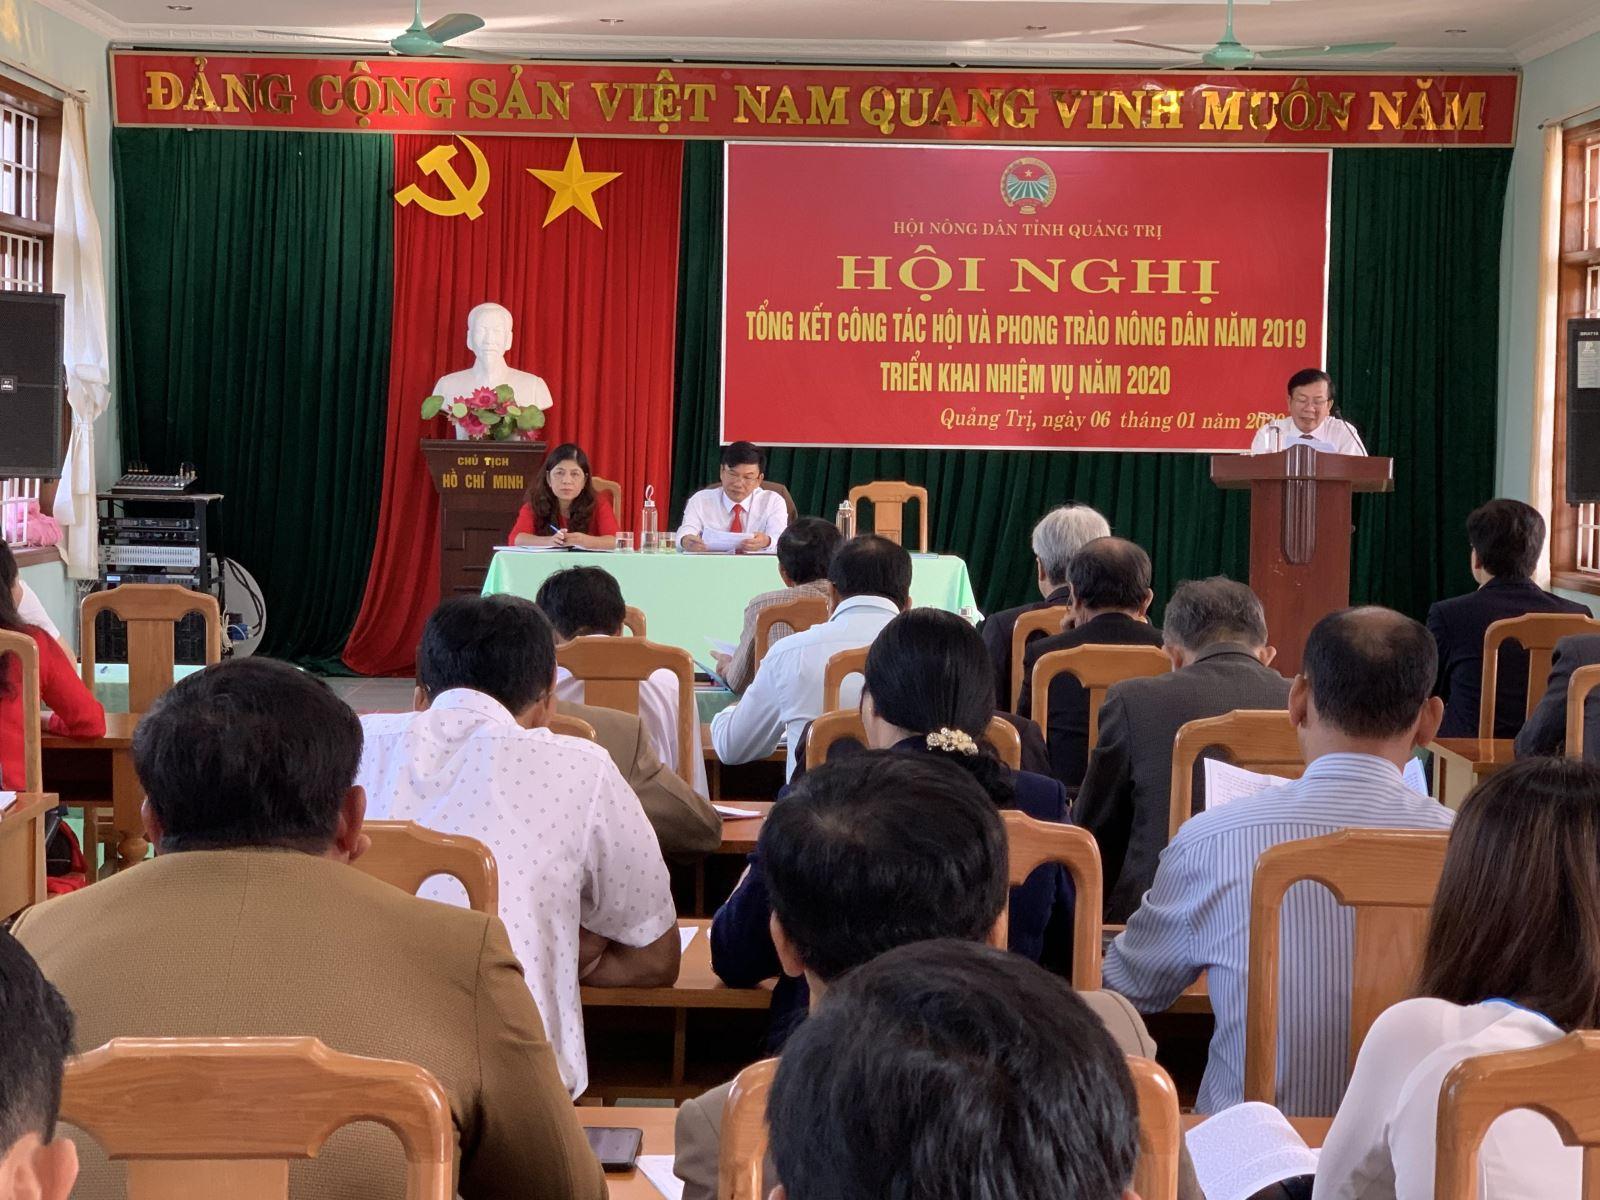 Hội ND Quảng Trị: Xây dựng kế hoạch kiểm tra, giám sát và phản biện xã hội, tham gia góp ý xây dựng Đảng, chính quyền năm 2020